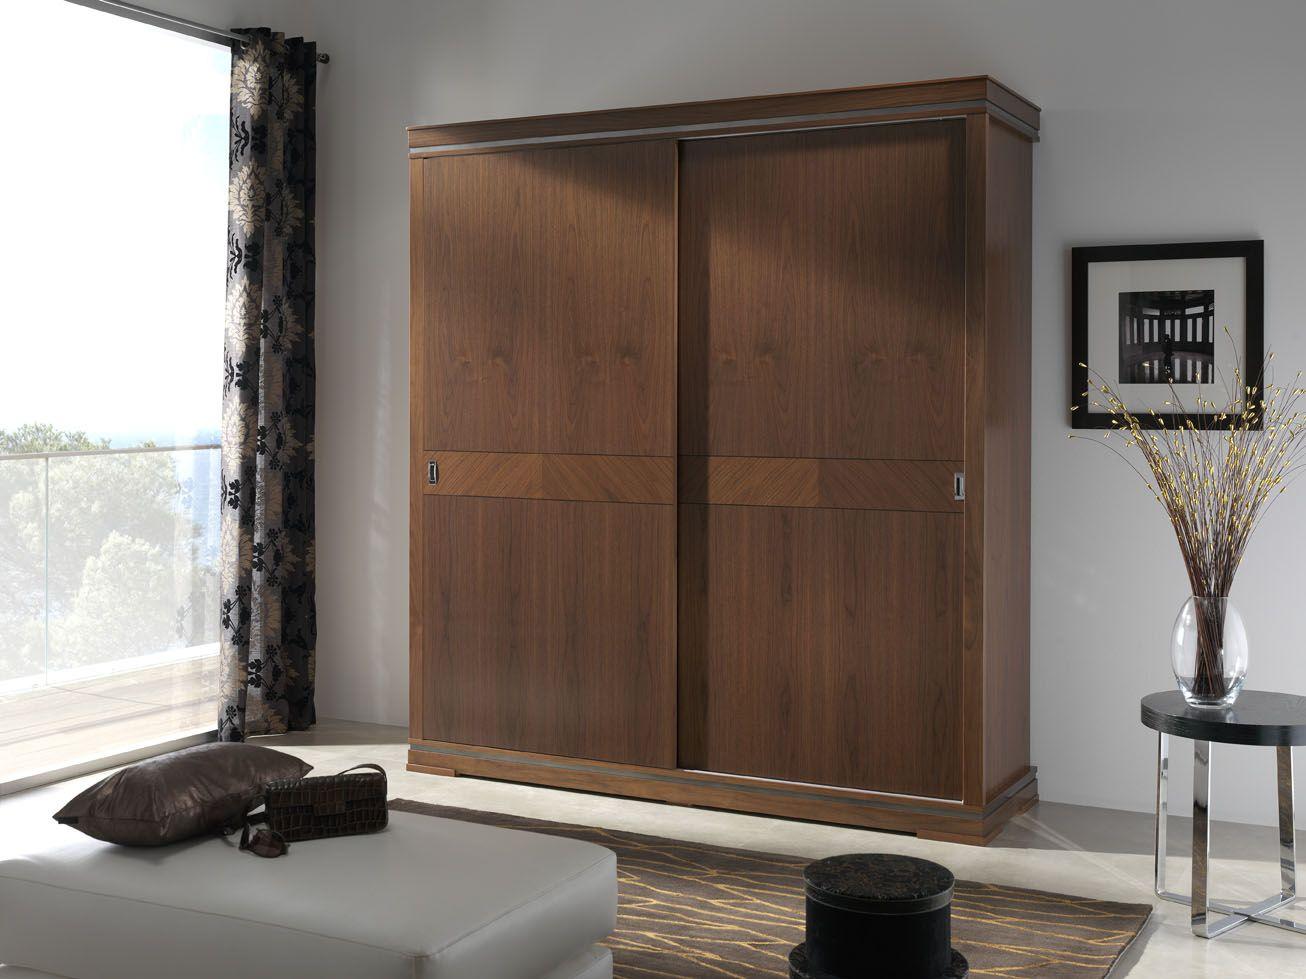 Dormitorios cl sicos muebles luis serra muebles corbera muebles alzira sofas corbera - Muebles alzira ...